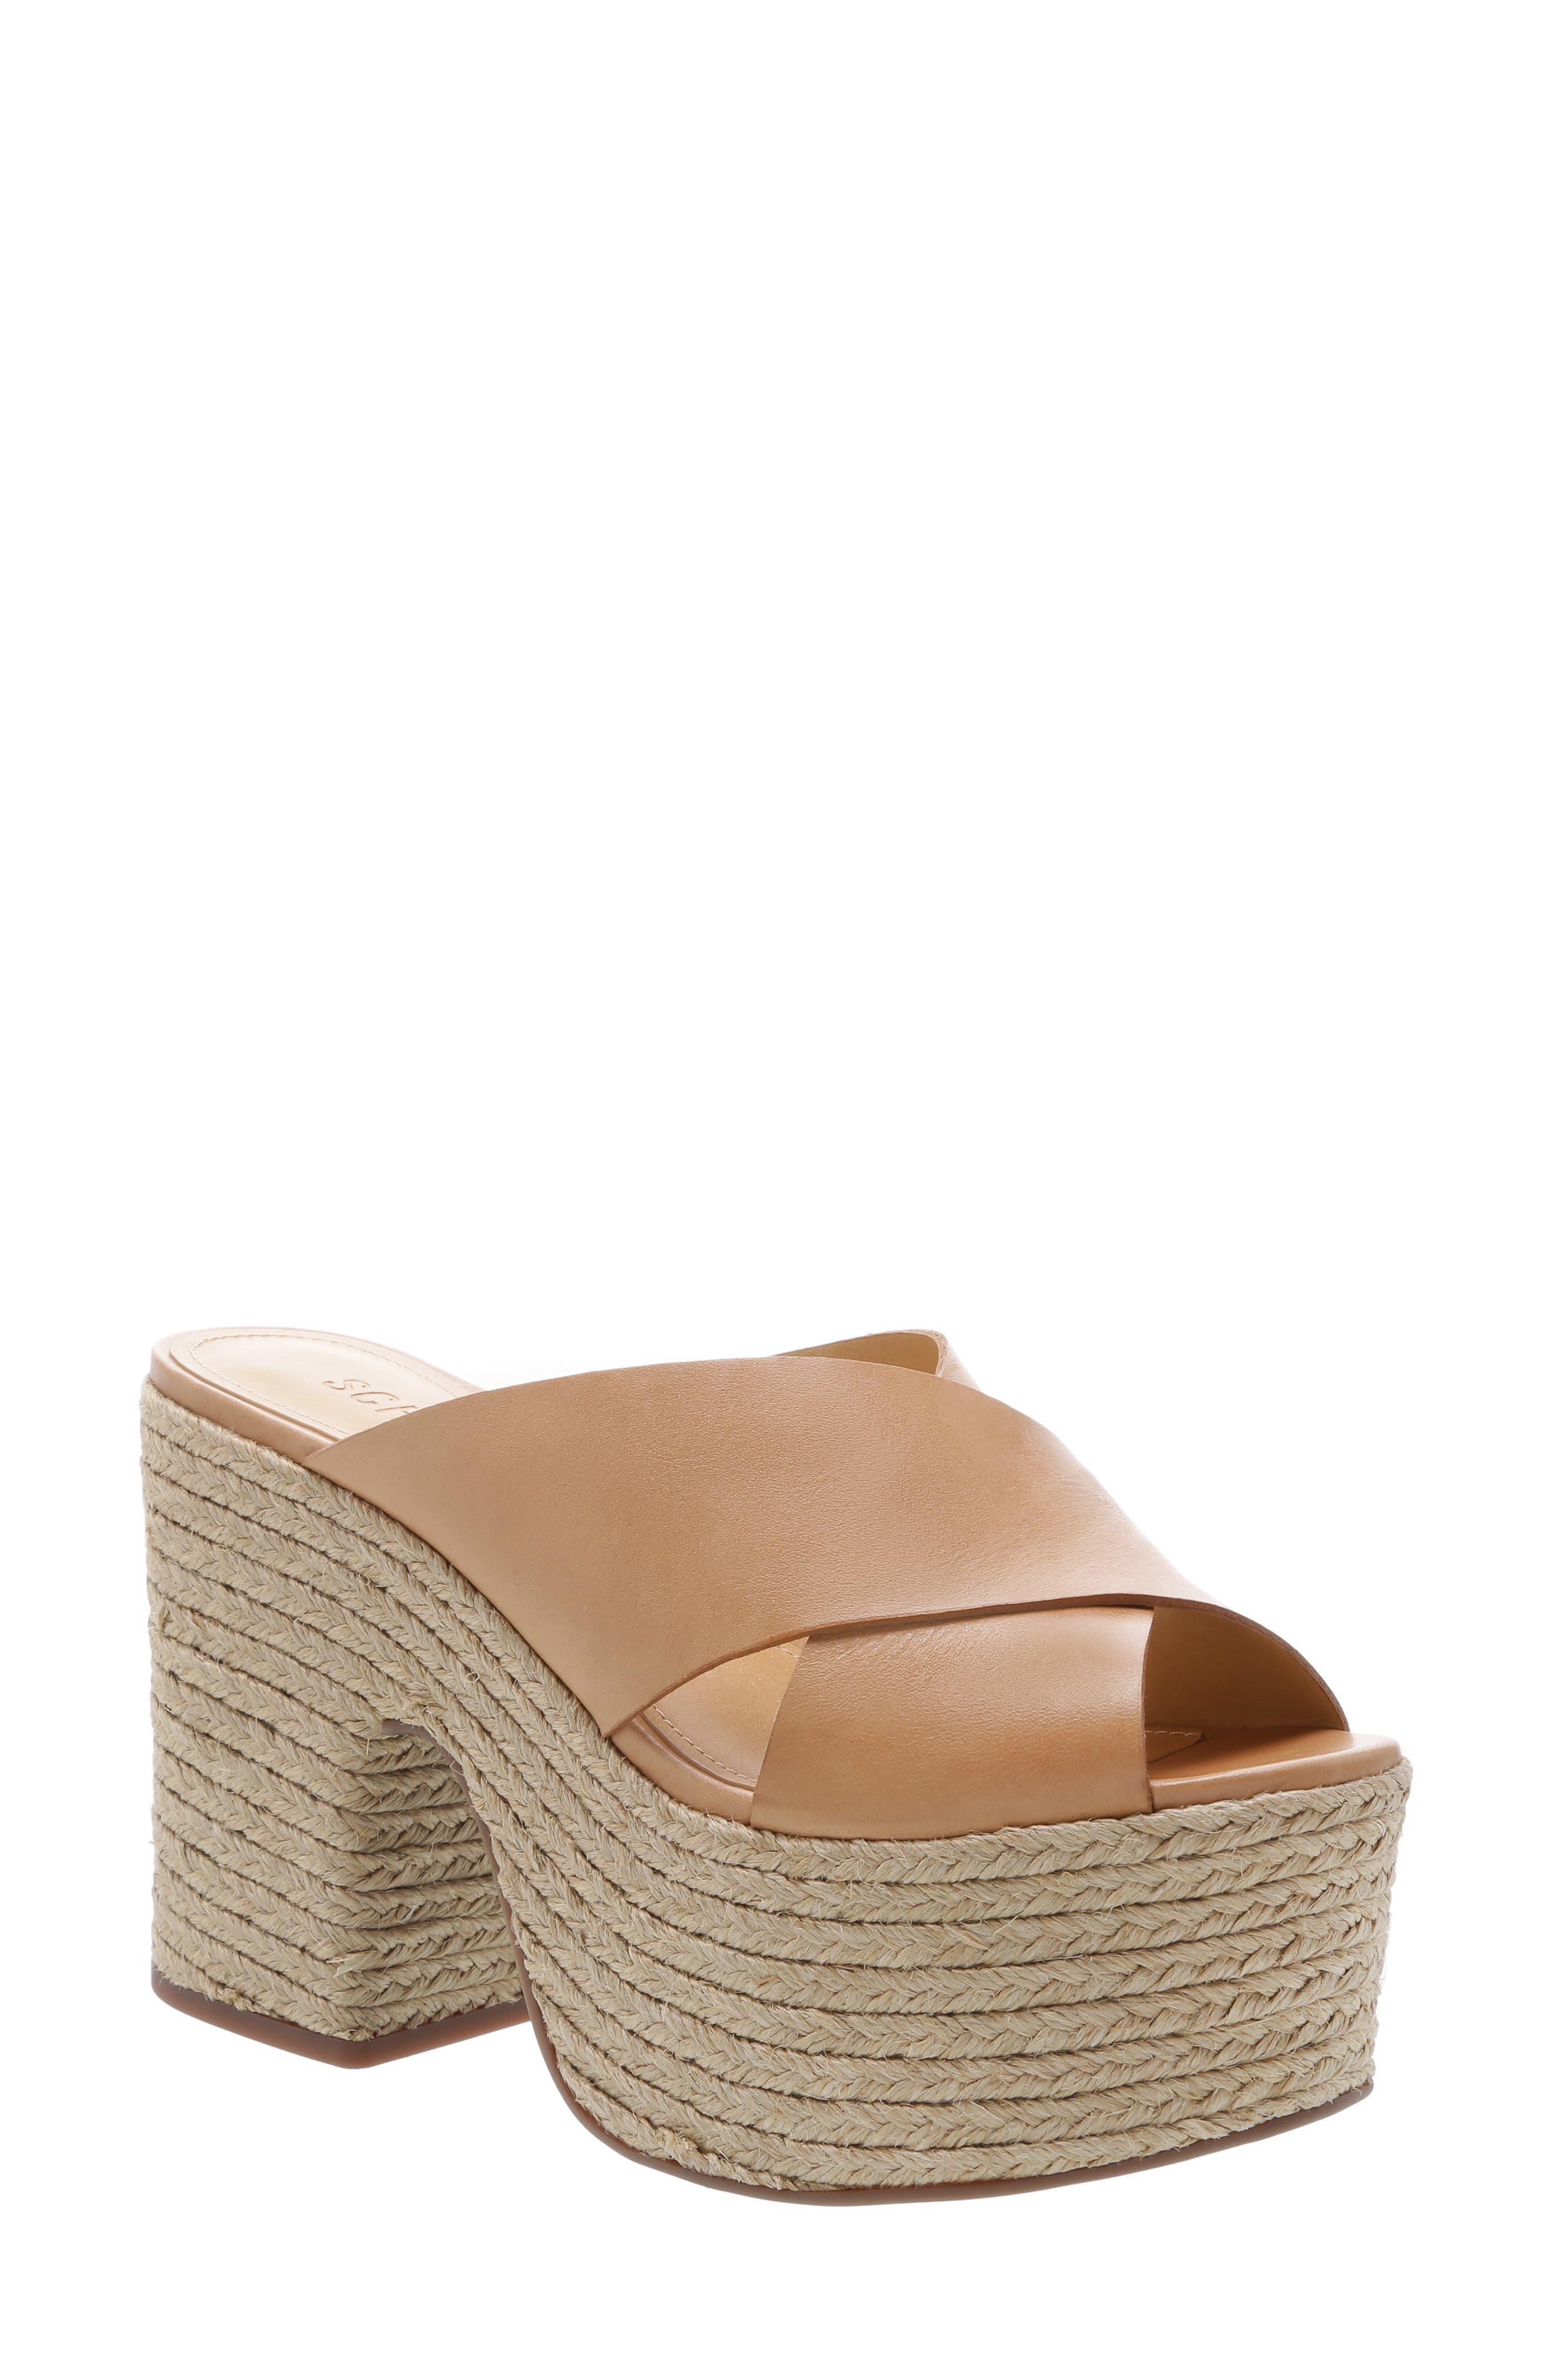 Schutz Lora Platform Sandal, Beige